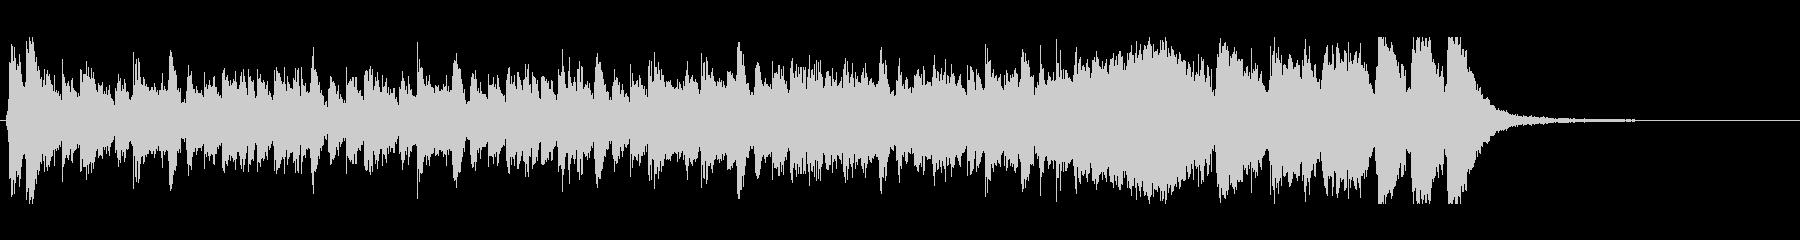 ハリウッド系アイキャッチ03の未再生の波形